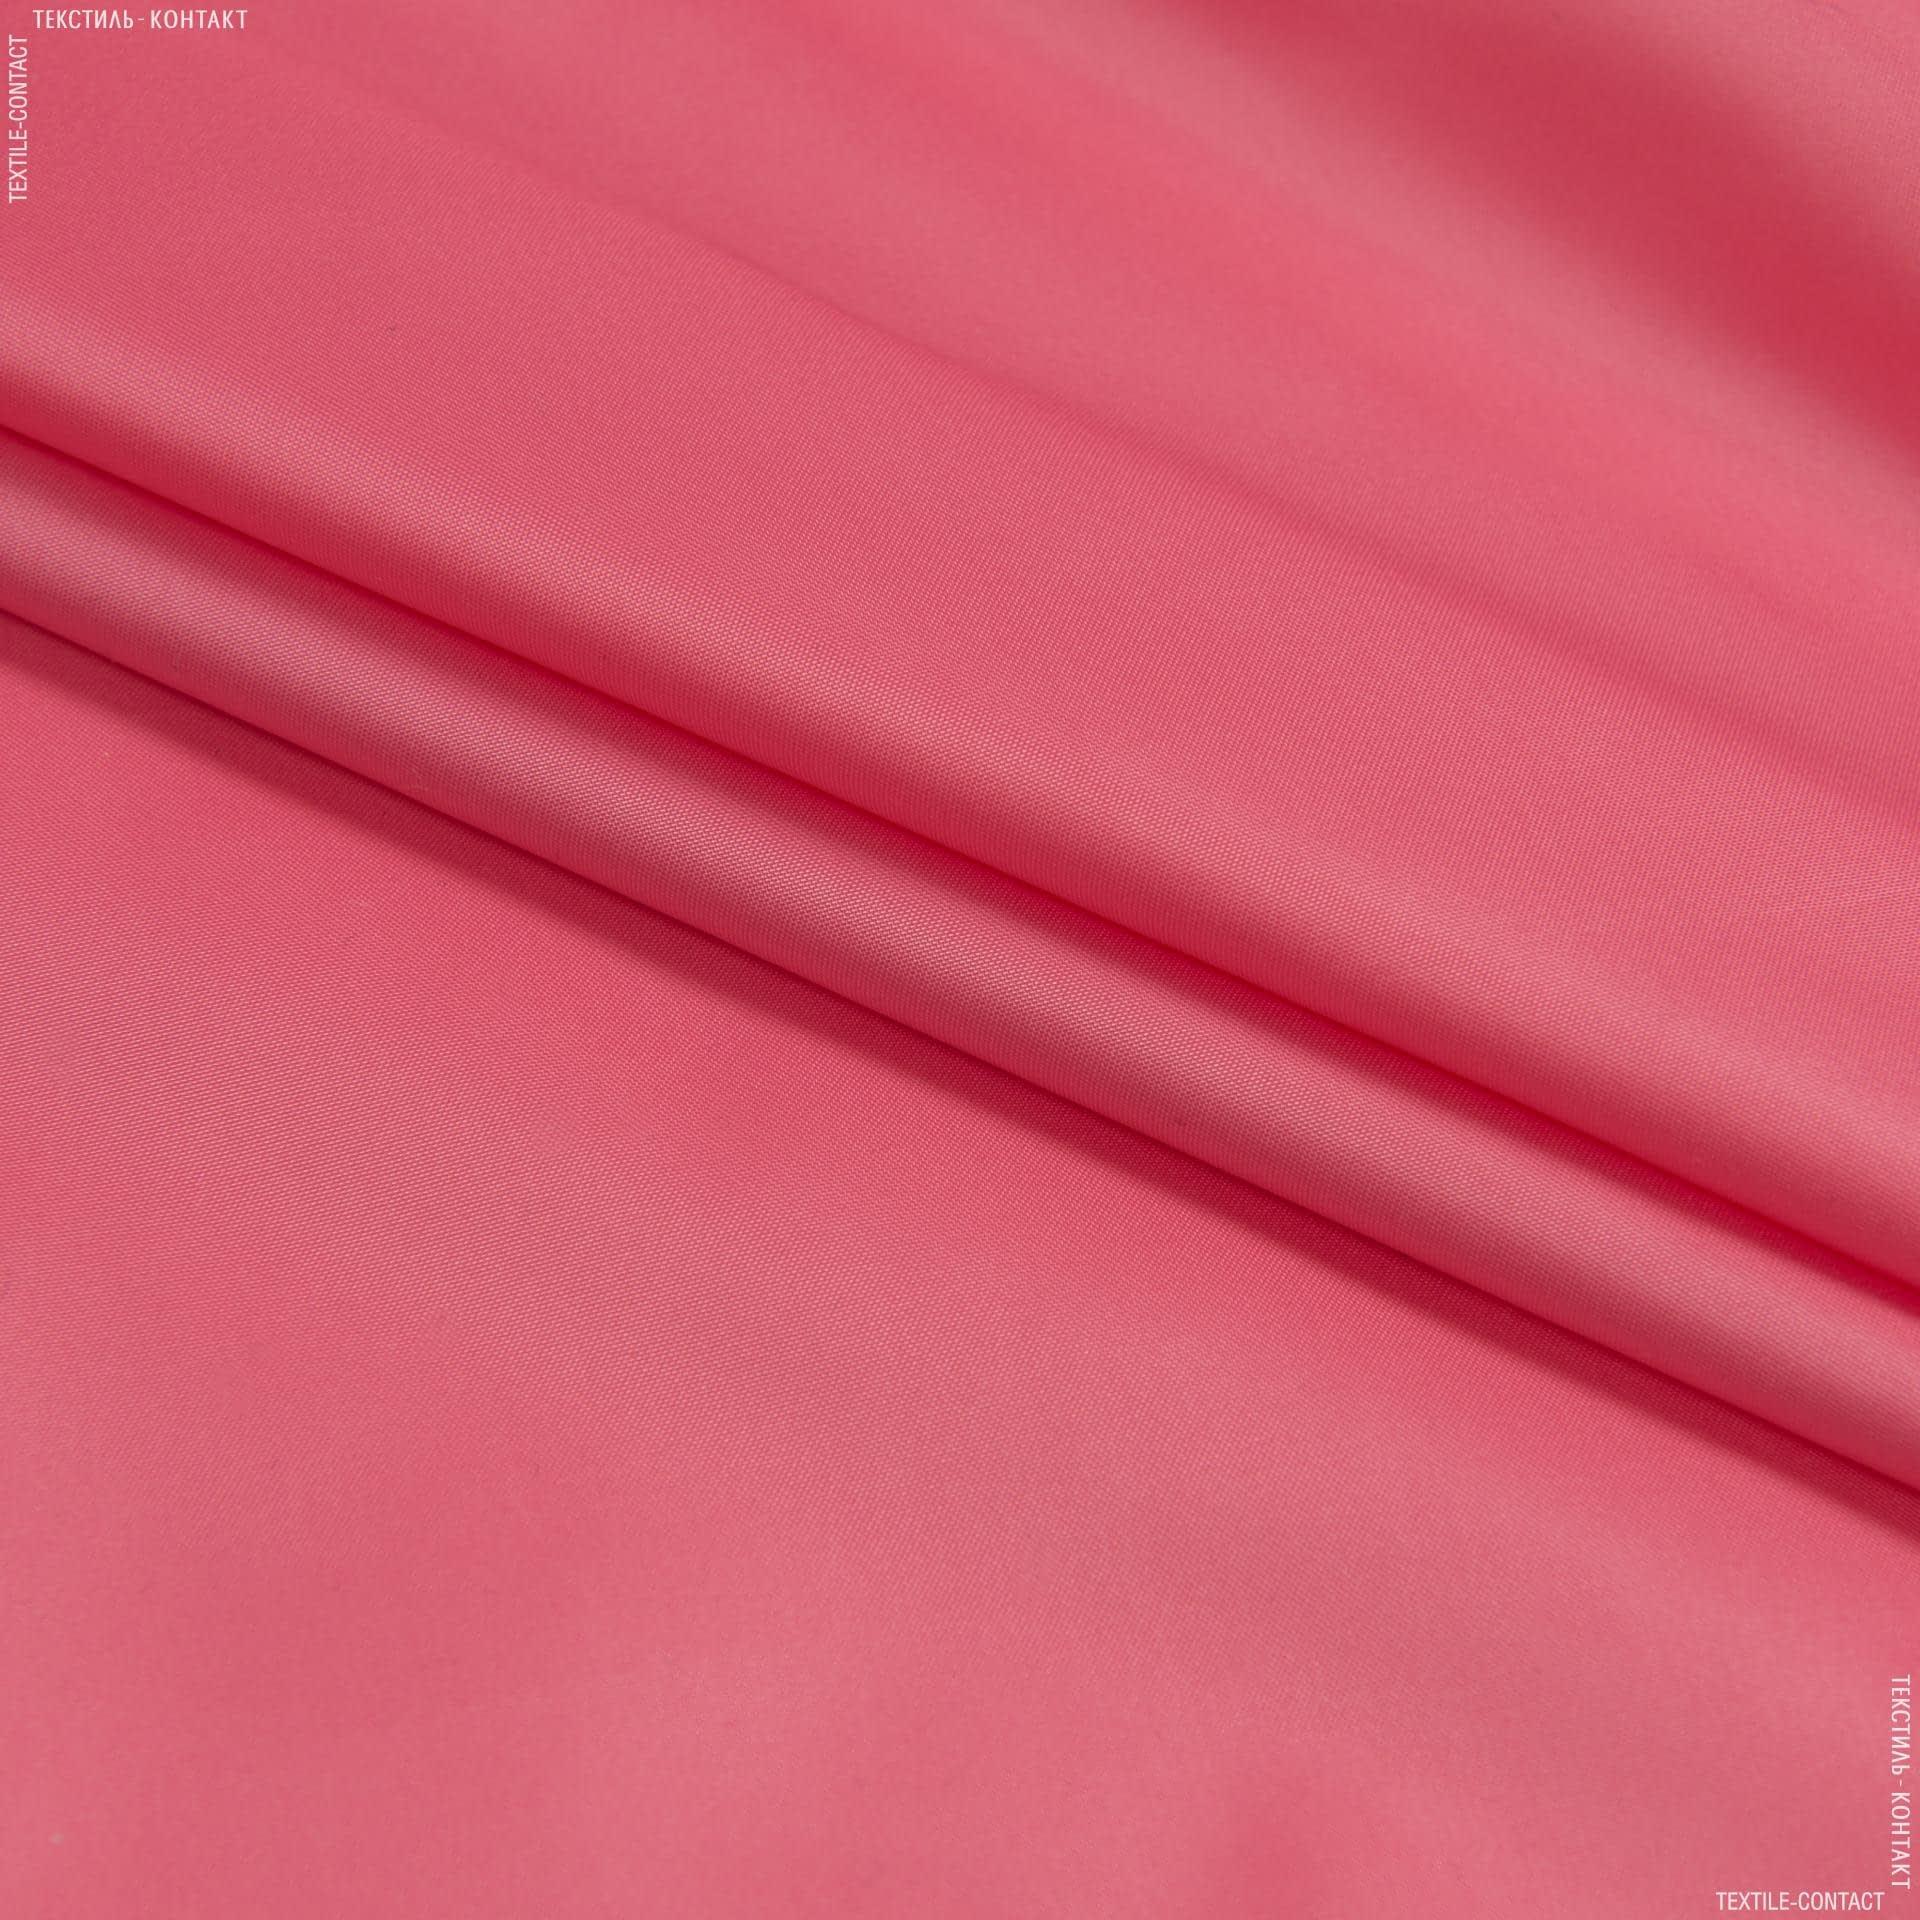 Ткани для верхней одежды - Плащевая руби лаке ярко-розовый